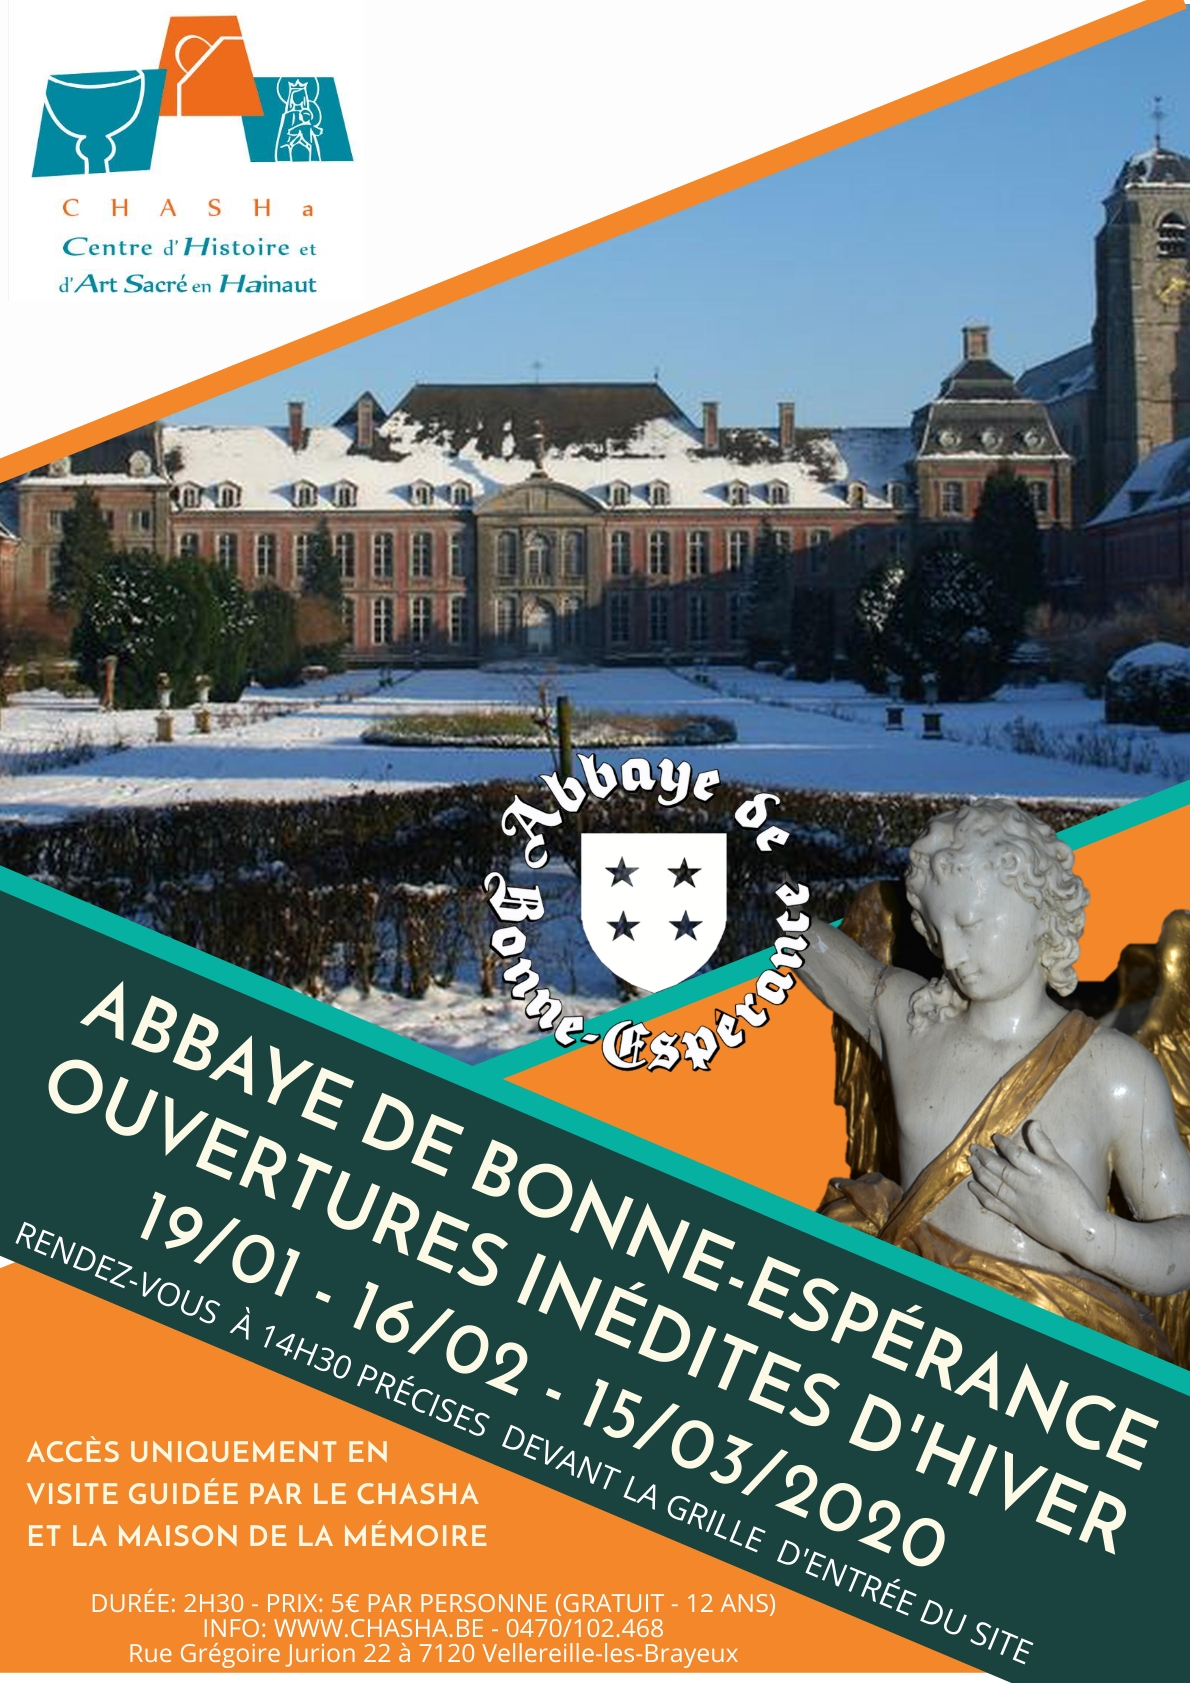 L'Abbaye de Bonne-Espérance et le CHASHa sortent de leur sommeil hivernal : 3 rendez-vous inédits à ne pas manquer !